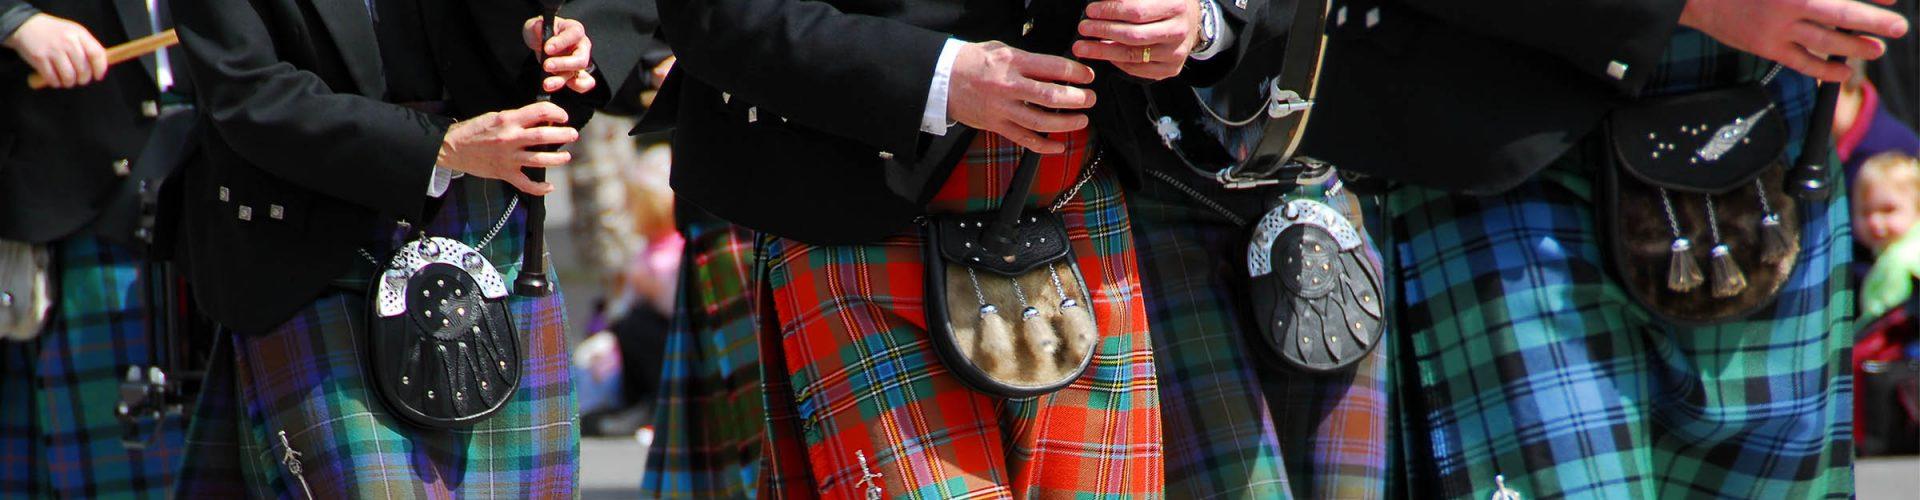 A Scottish pipeband